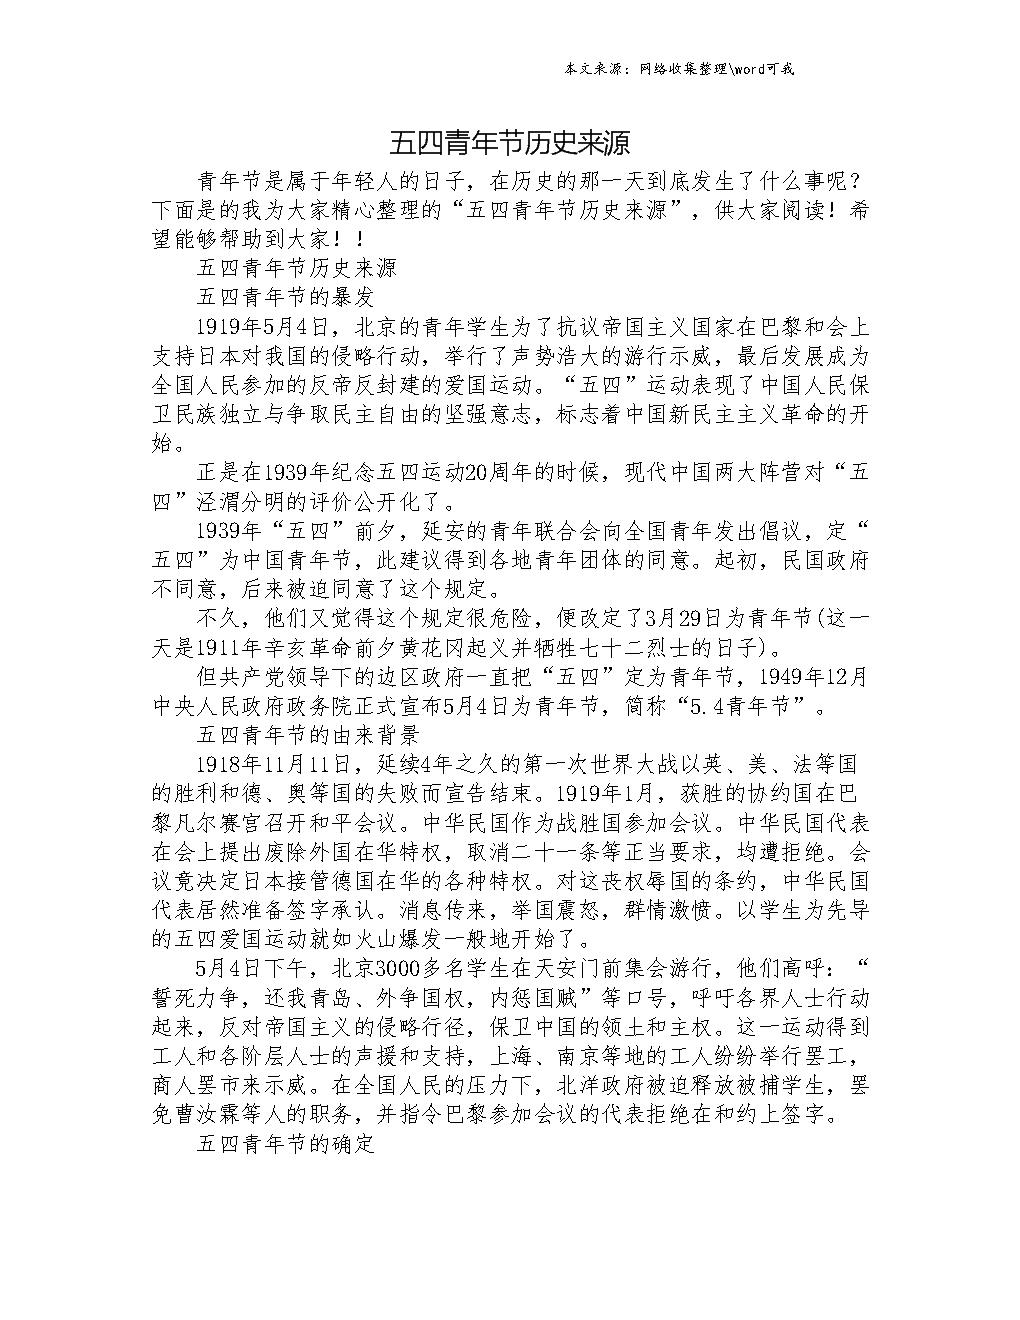 五四青年节历史来源 .doc